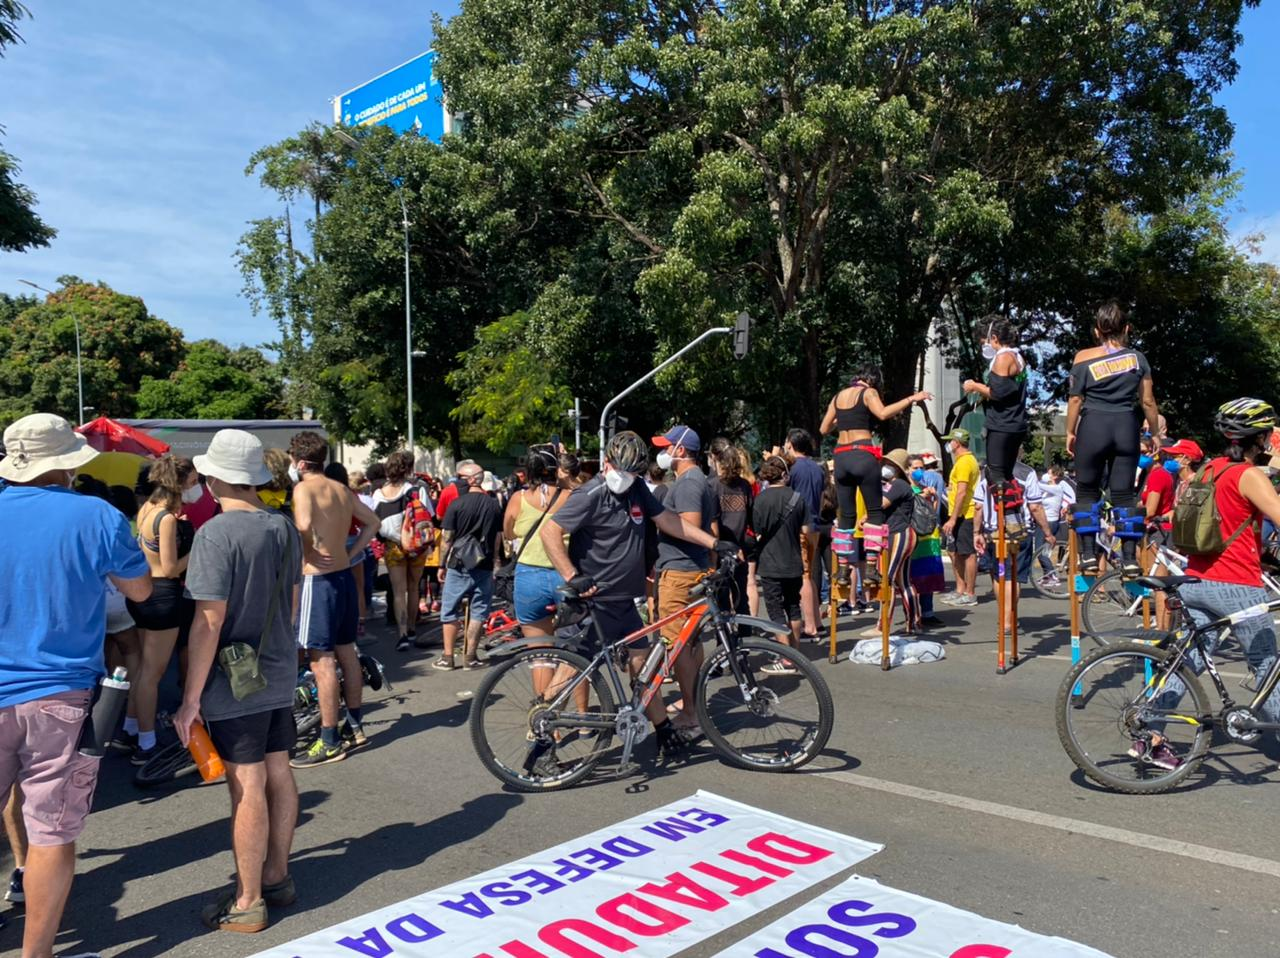 Manifestação contra Bolsonaro em Brasília [fotografo] Congresso em Foco [/fotografo]